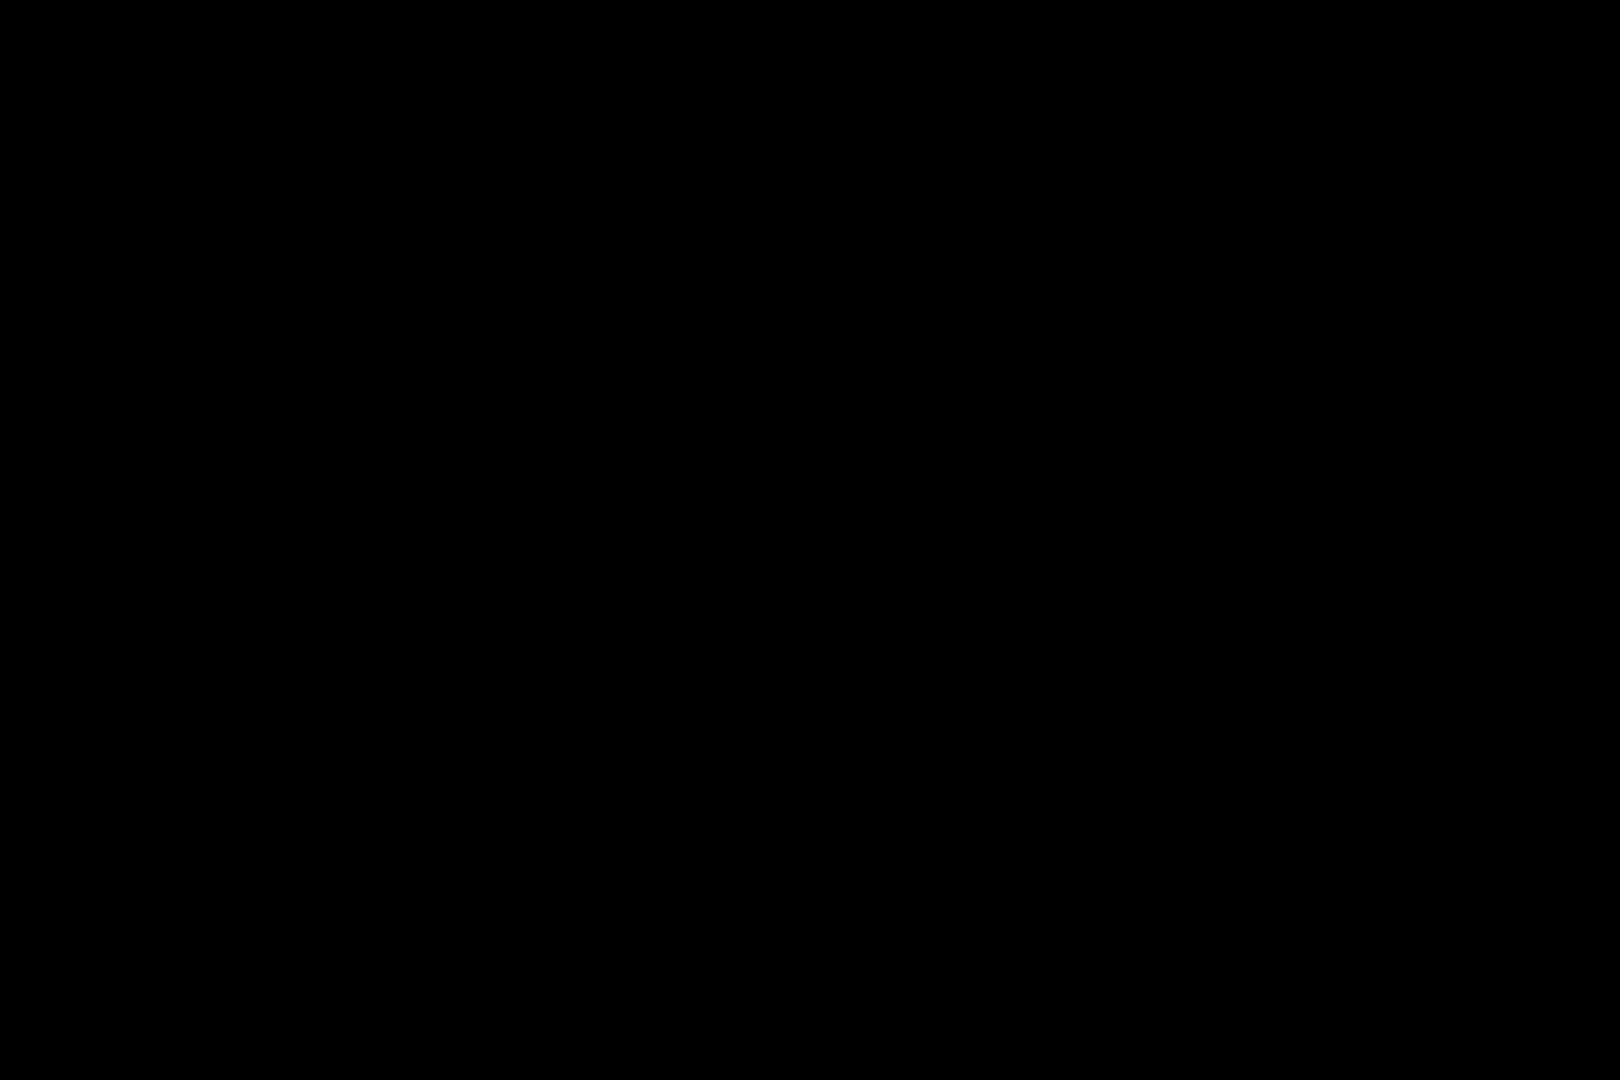 充血監督の深夜の運動会Vol.11 マンコ スケベ動画紹介 102連発 43